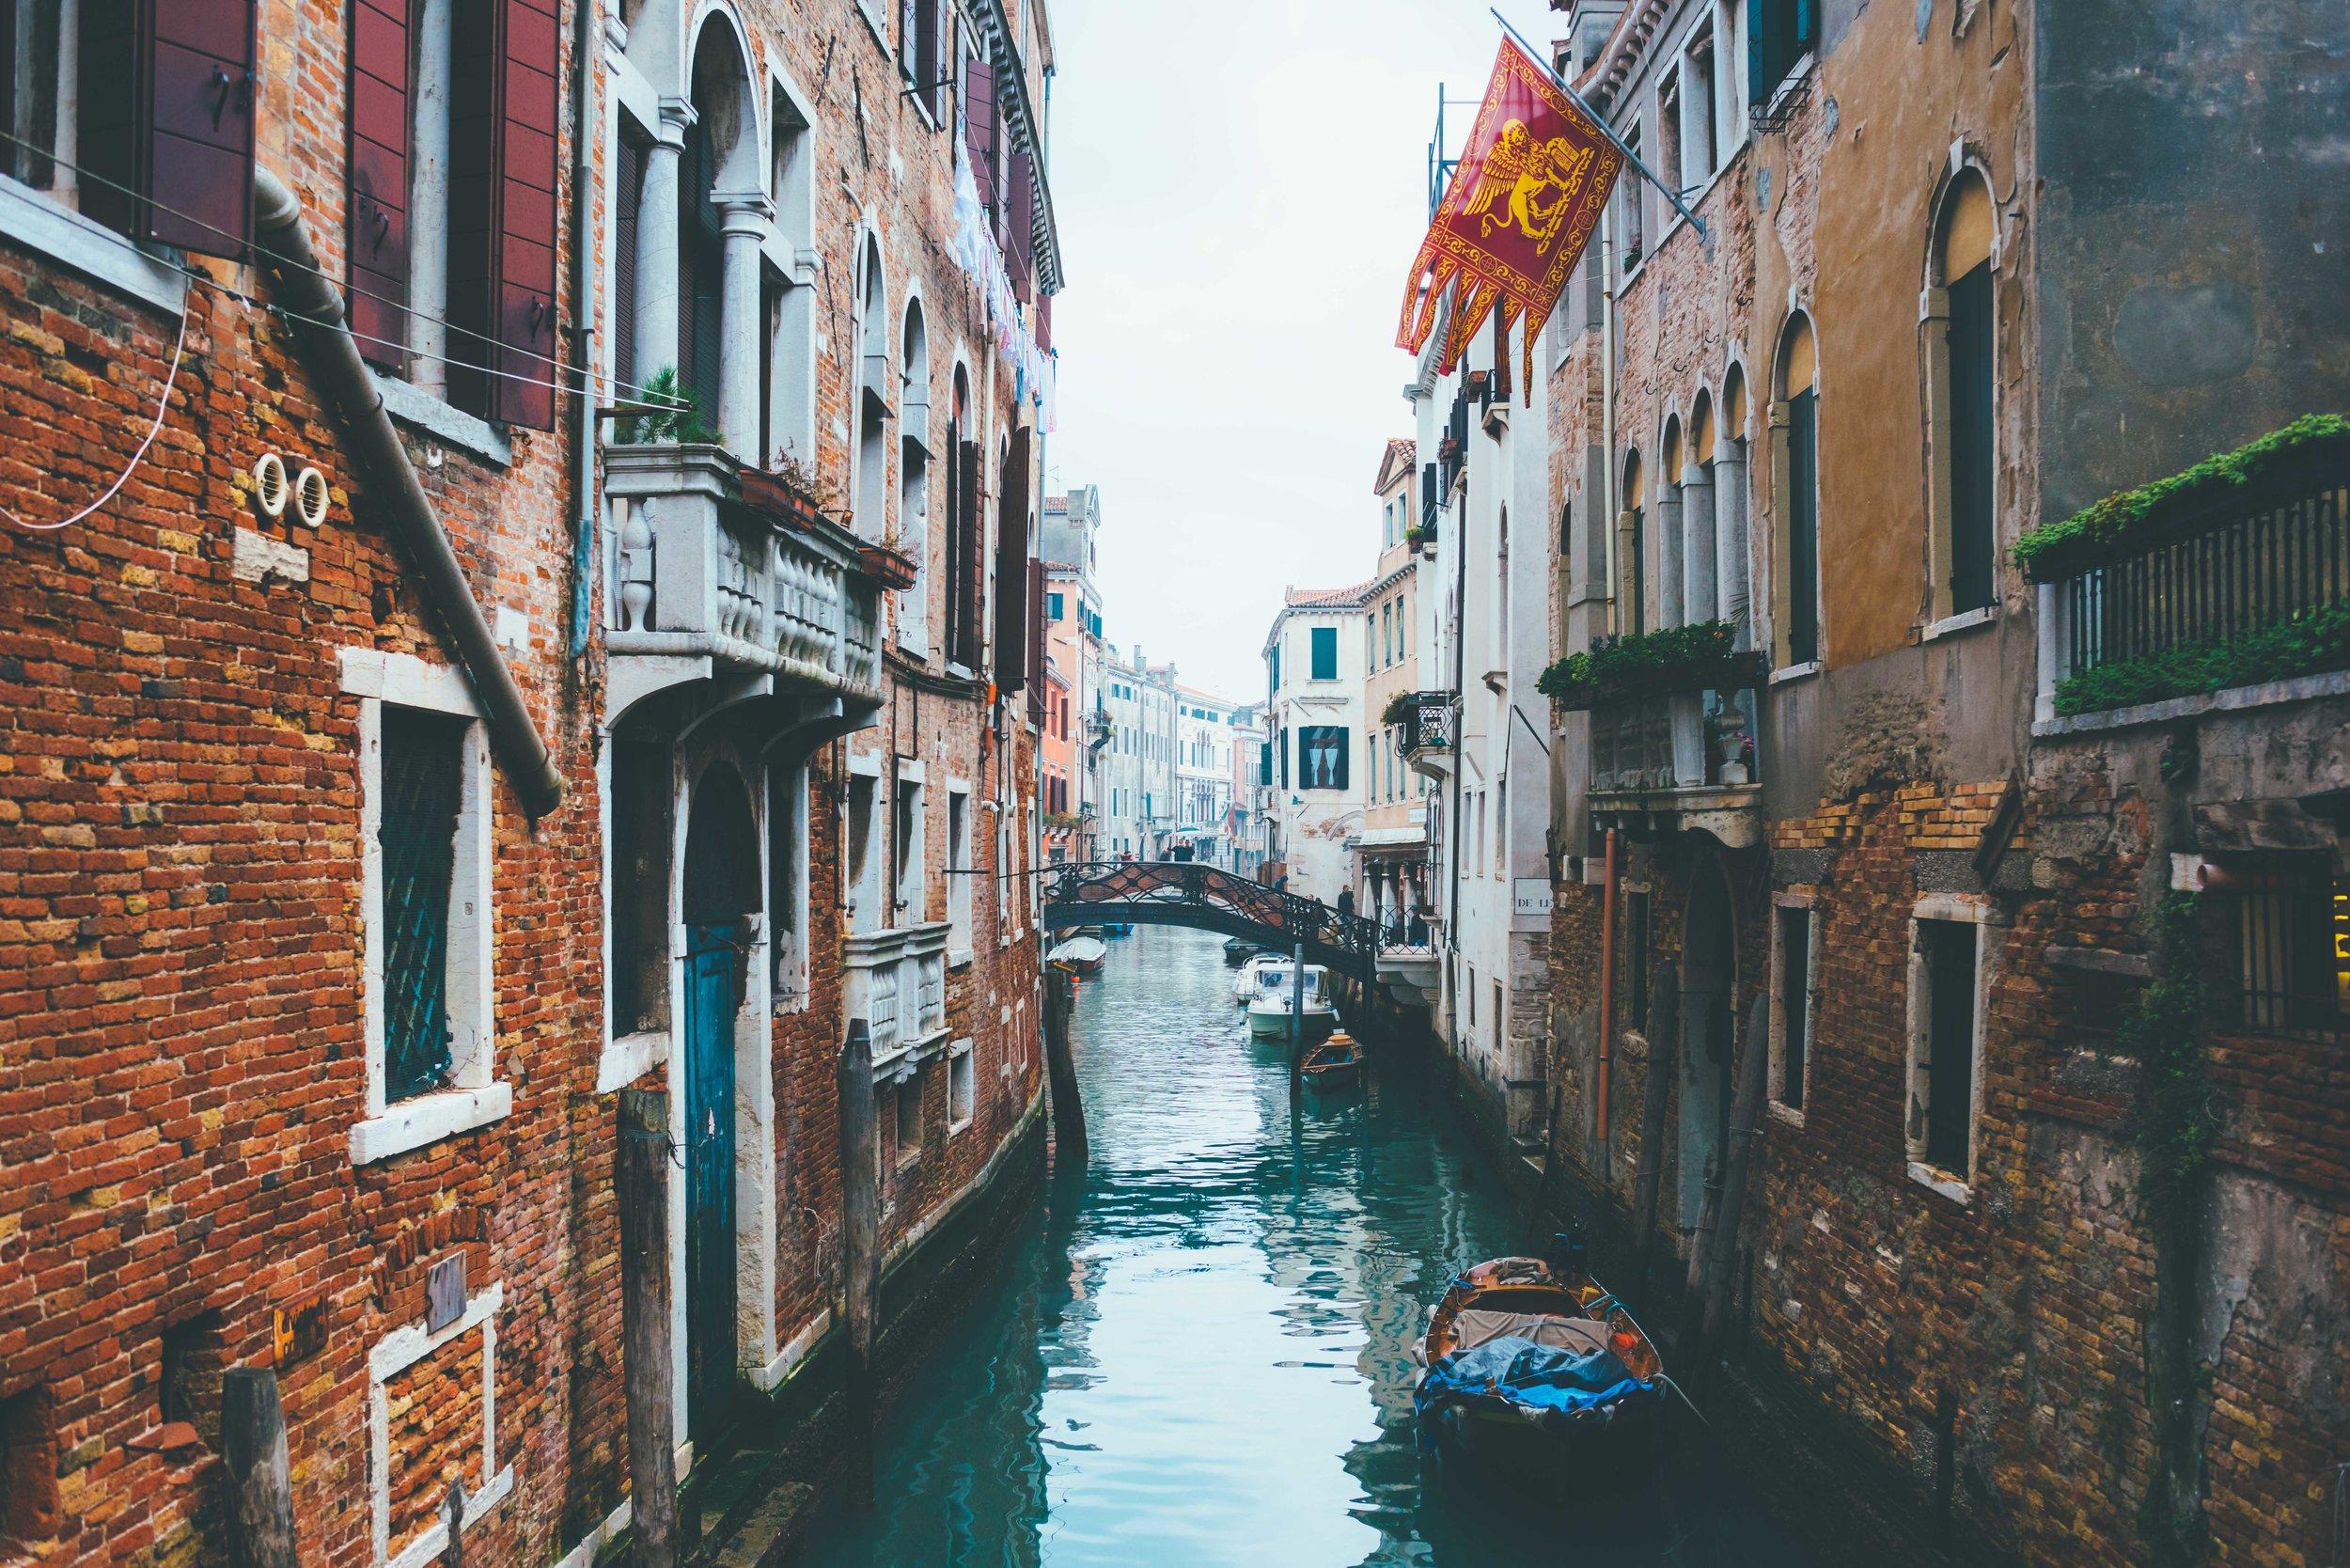 9_09-02-16 carnevale venezia-1474.jpg